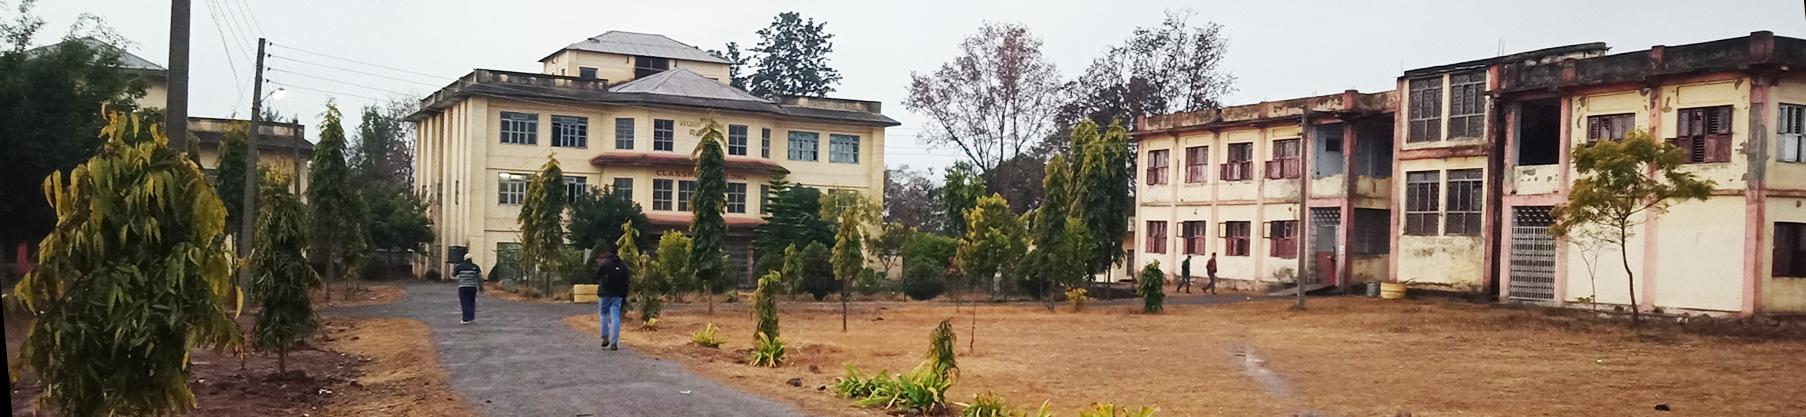 Surkhet Campus